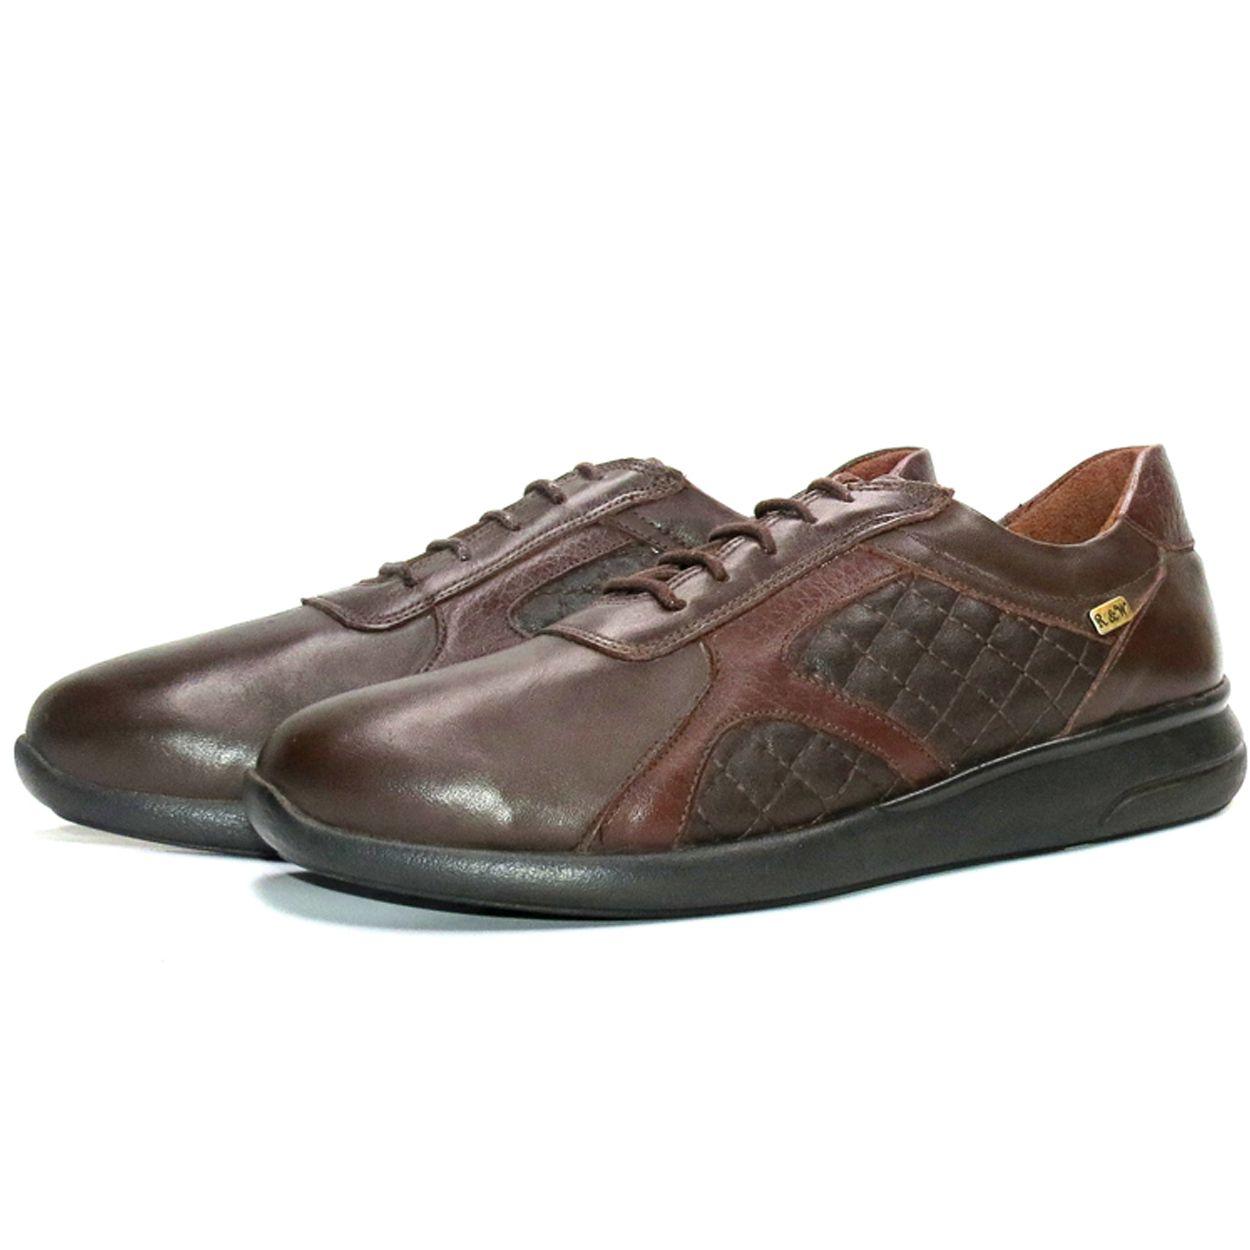 کفش روزمره زنانه آر اند دبلیو مدل 761 رنگ قهوه ای -  - 6